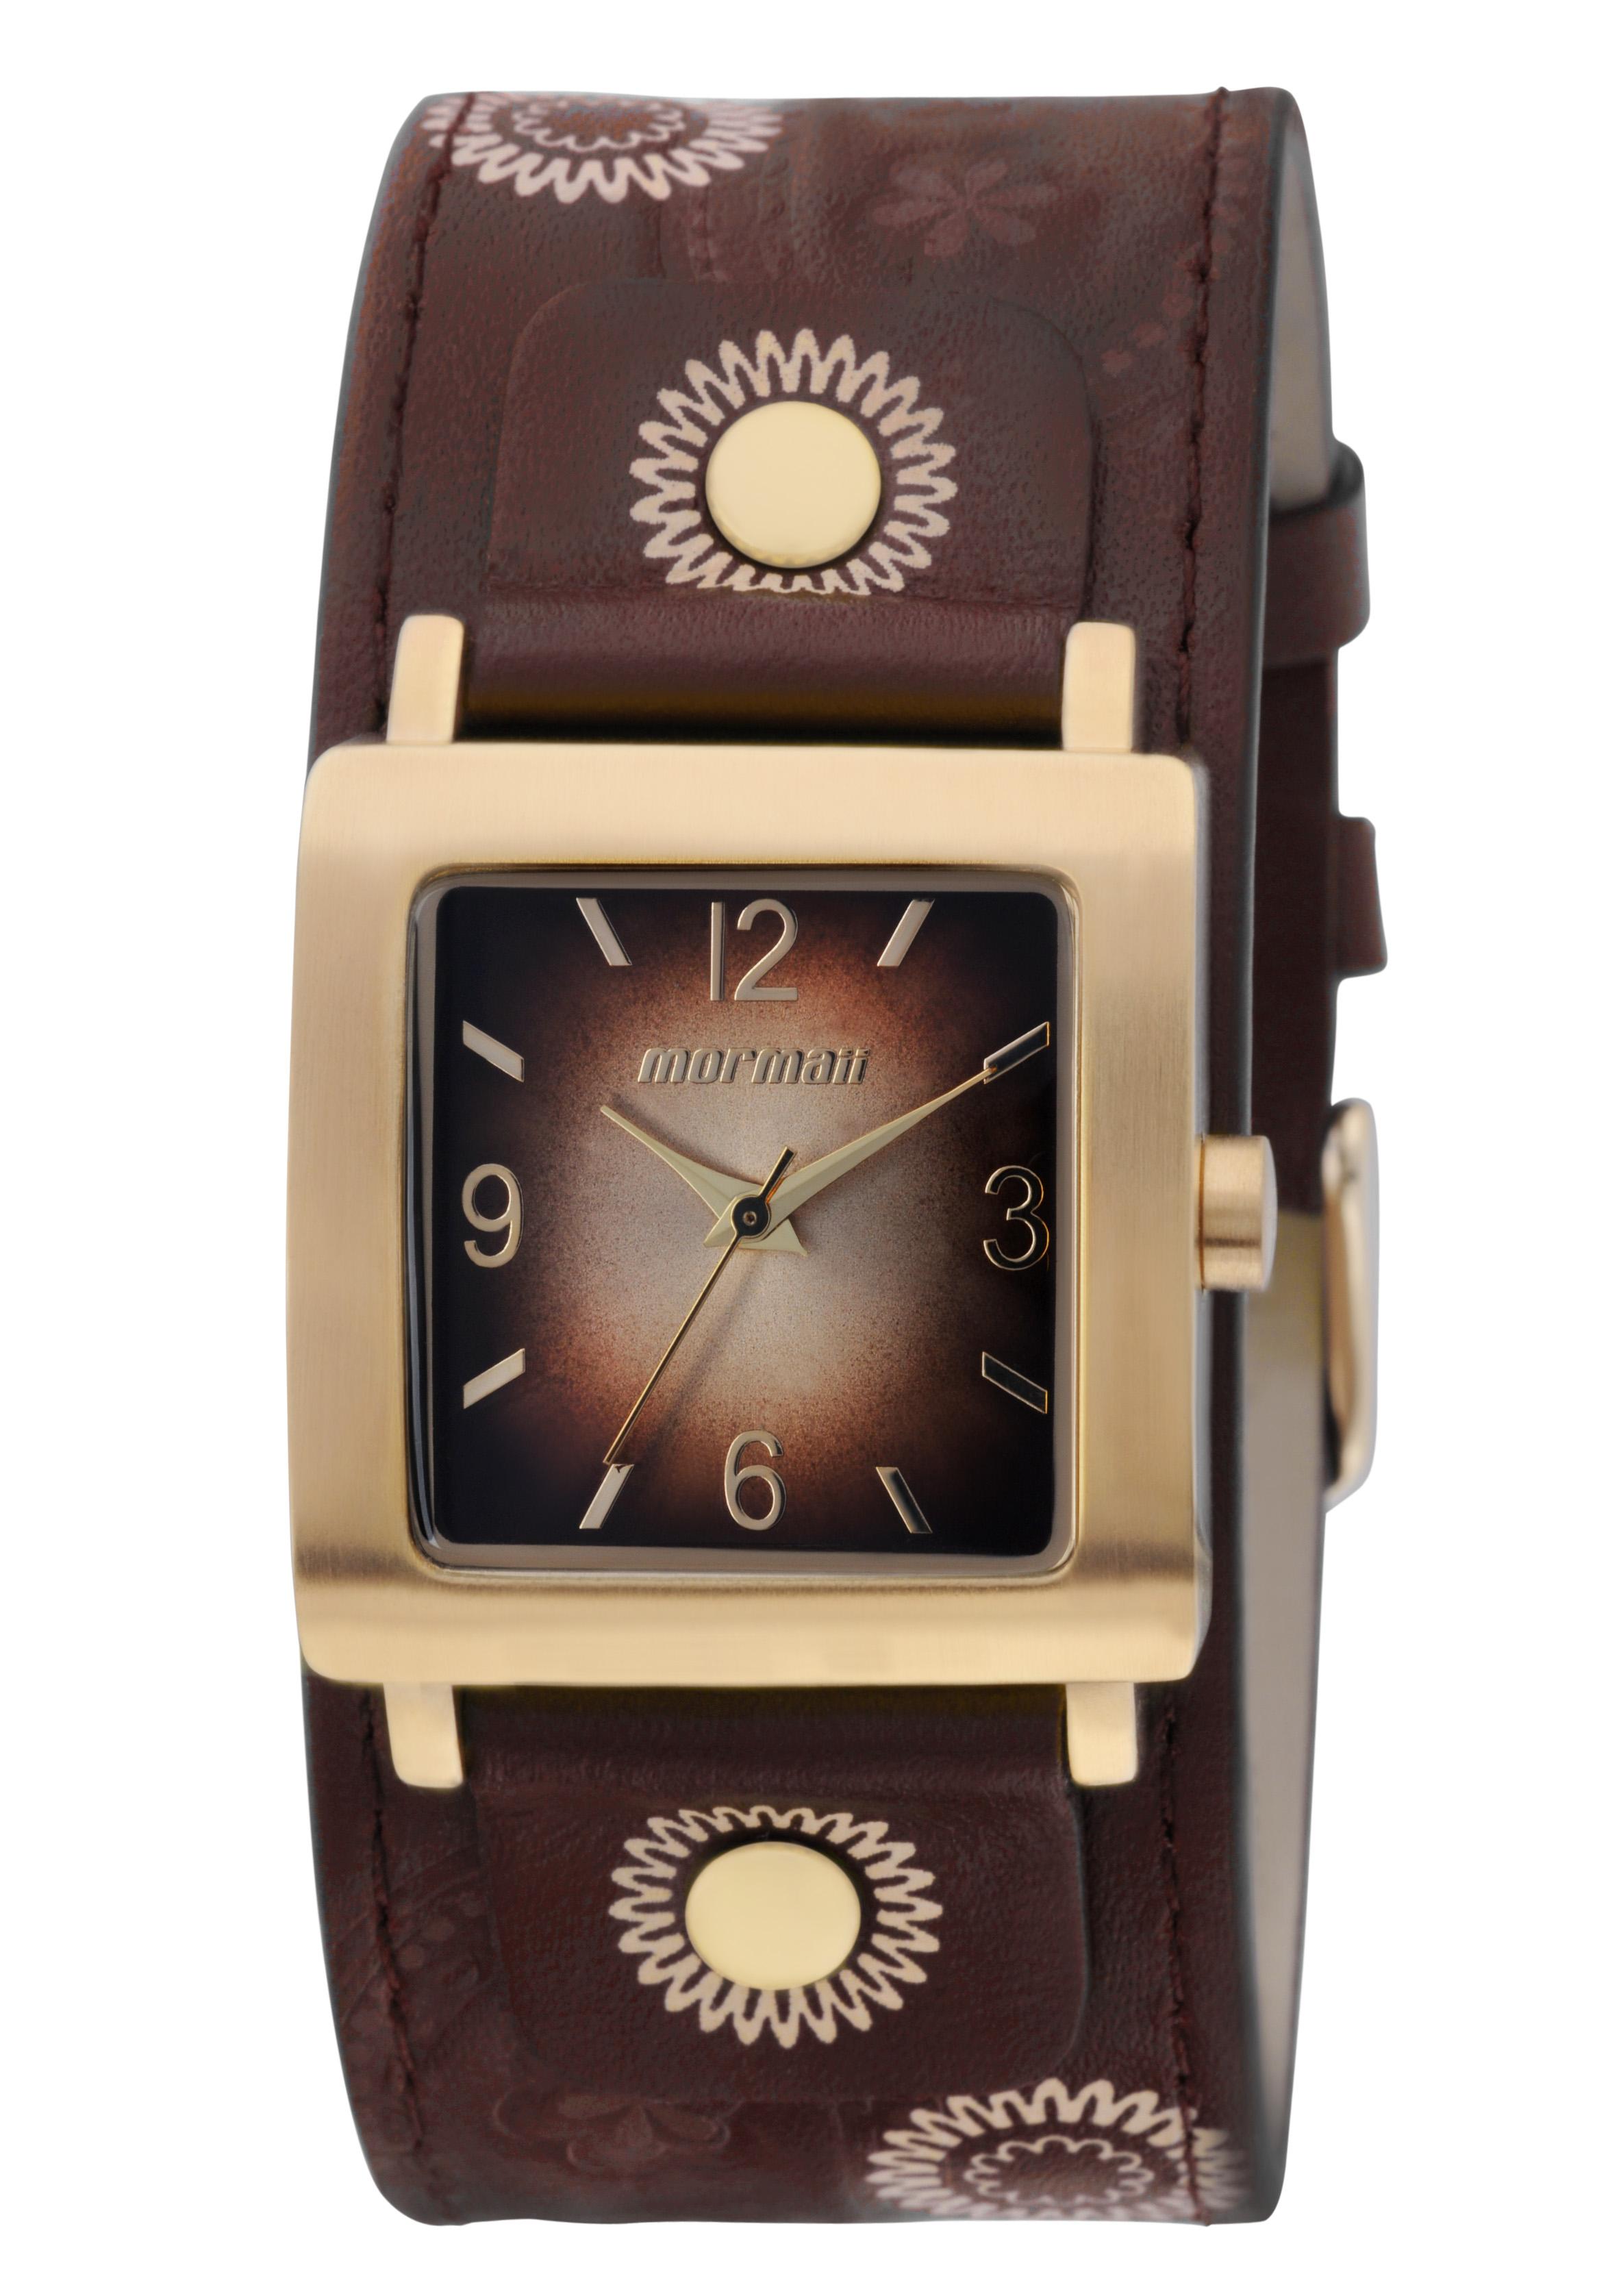 dfa8213e8fd21 Os relógios Mormaii anunciam o lançamento da nova coleção Primavera. A linha  Hippie Chic traz modelos com estampas